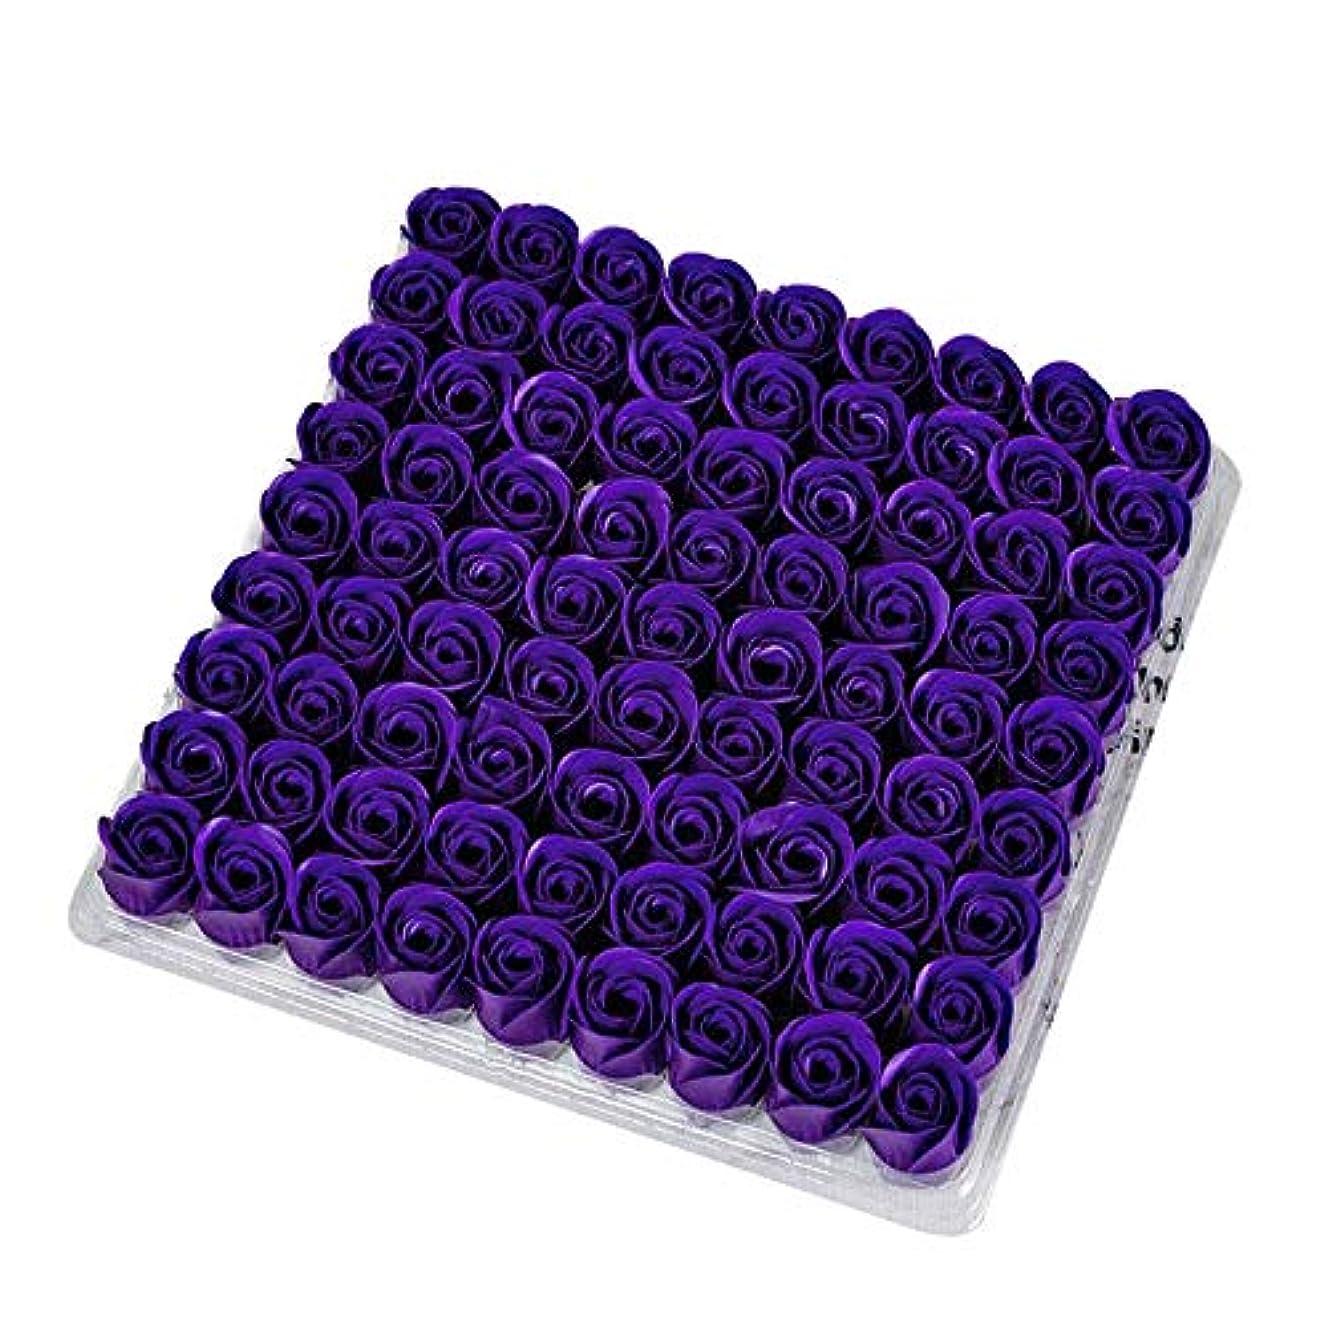 冊子手術インフレーションSODIAL 81個の薔薇、バス ボディ フラワー?フローラルの石けん 香りのよいローズフラワー エッセンシャルオイル フローラルのお客様への石鹸 ウェディング、パーティー、バレンタインデーの贈り物、紫色